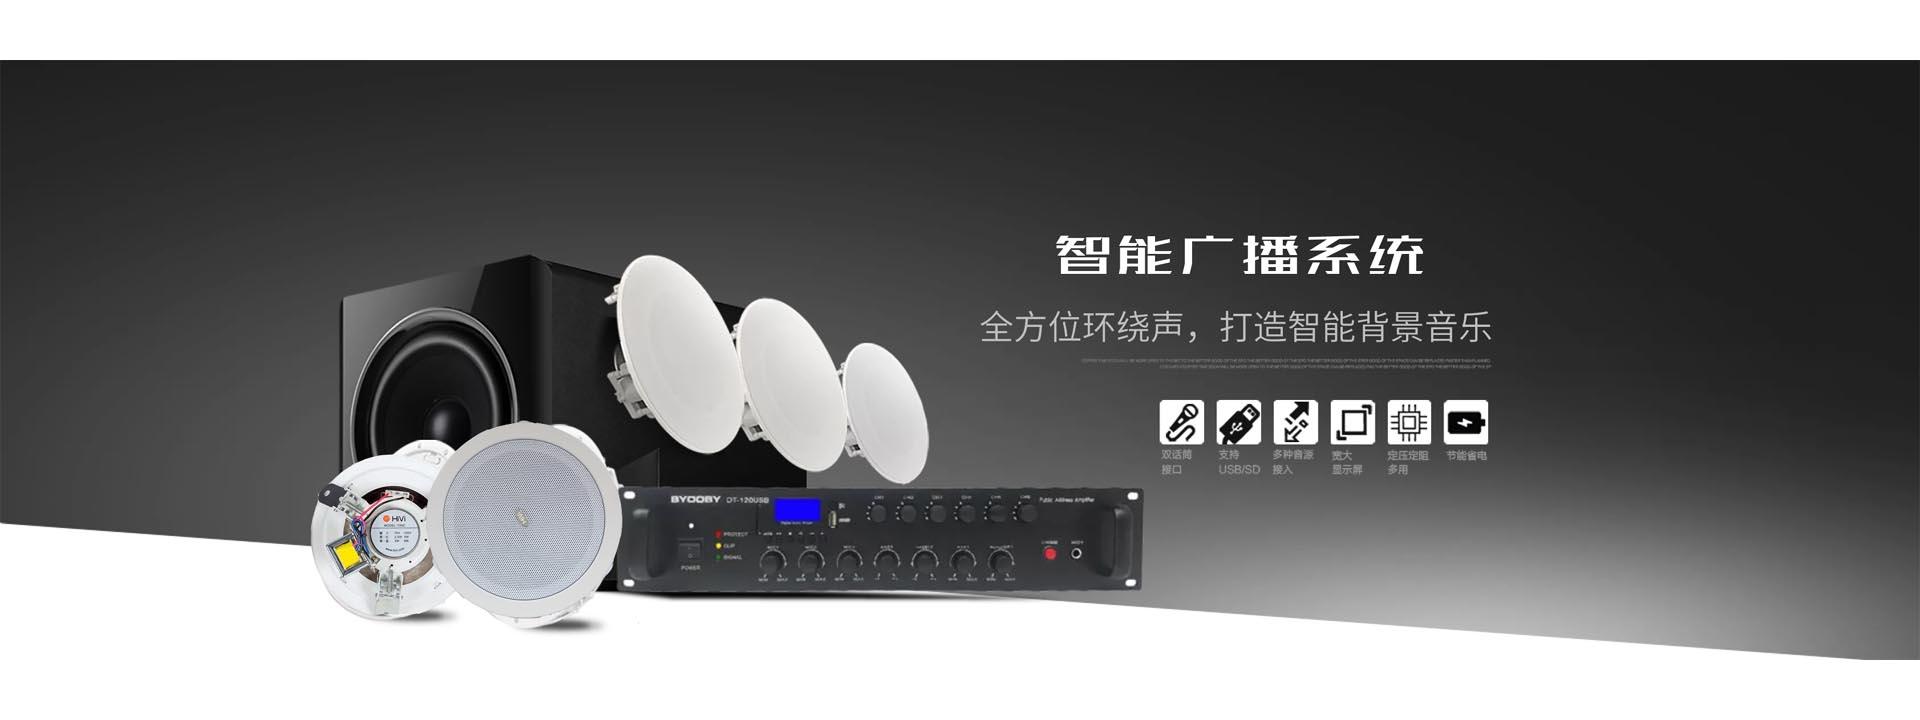 智能广播系统